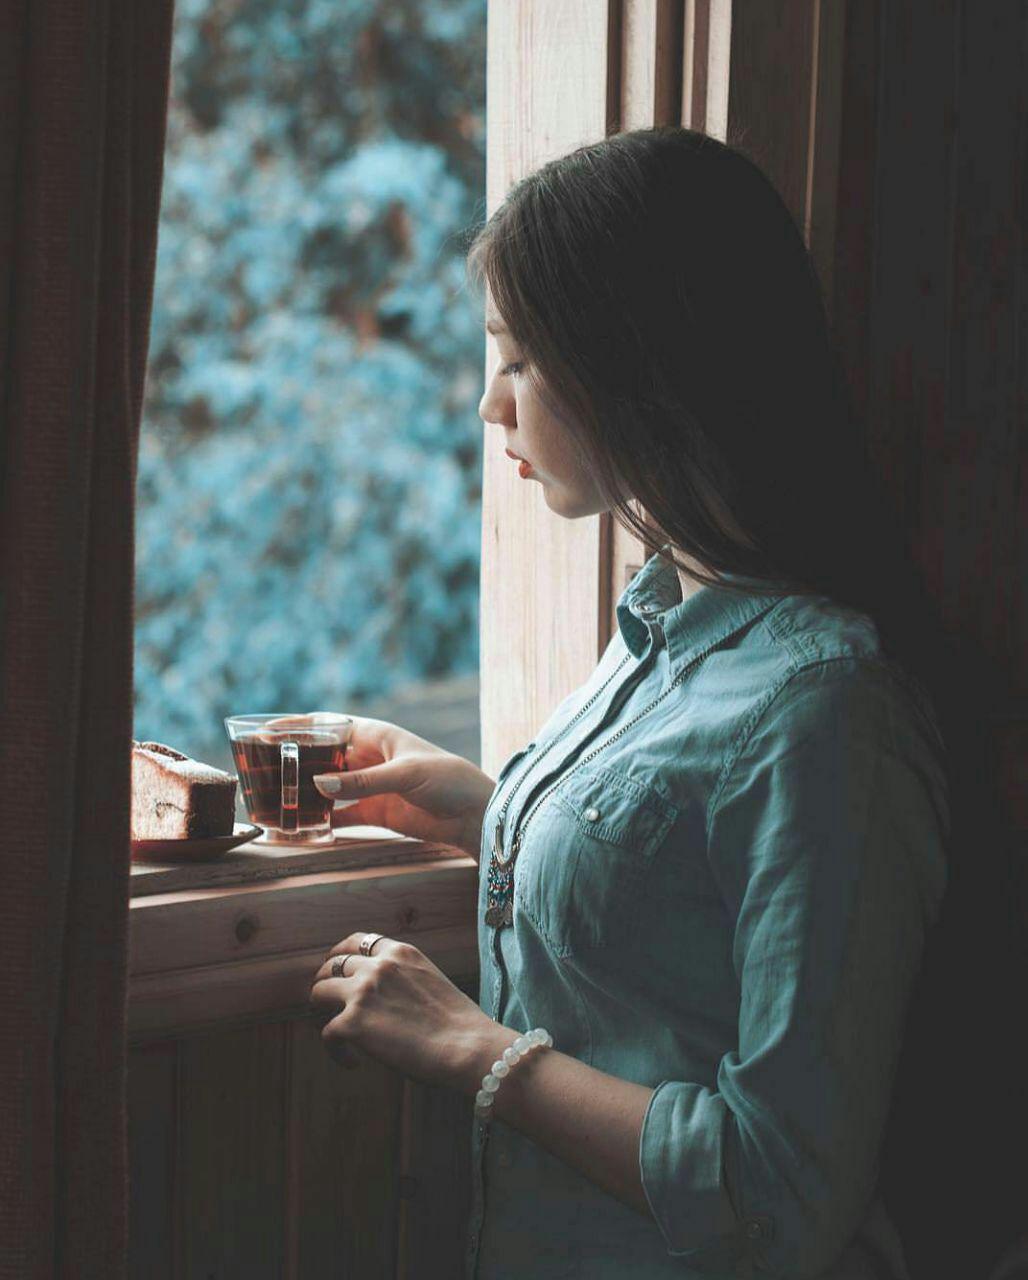 عکس دختر زیبا